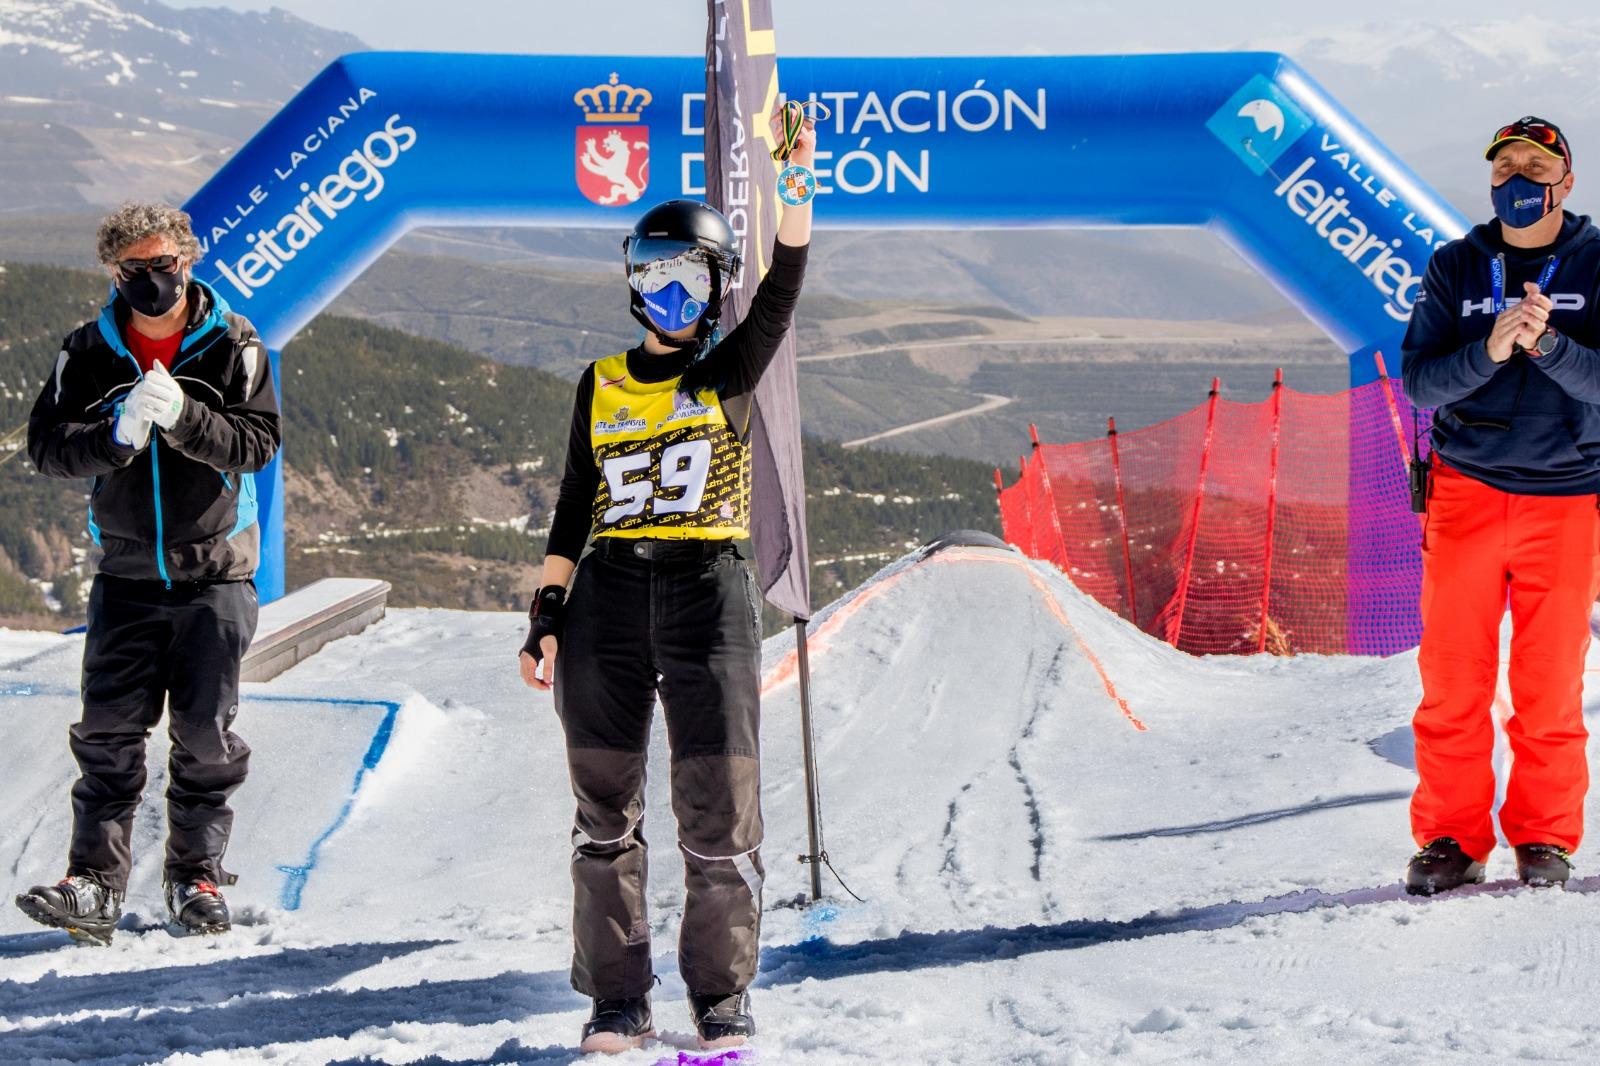 Las estaciones de esquí de la Diputación registran 3.780 usuarios el fin de semana 1